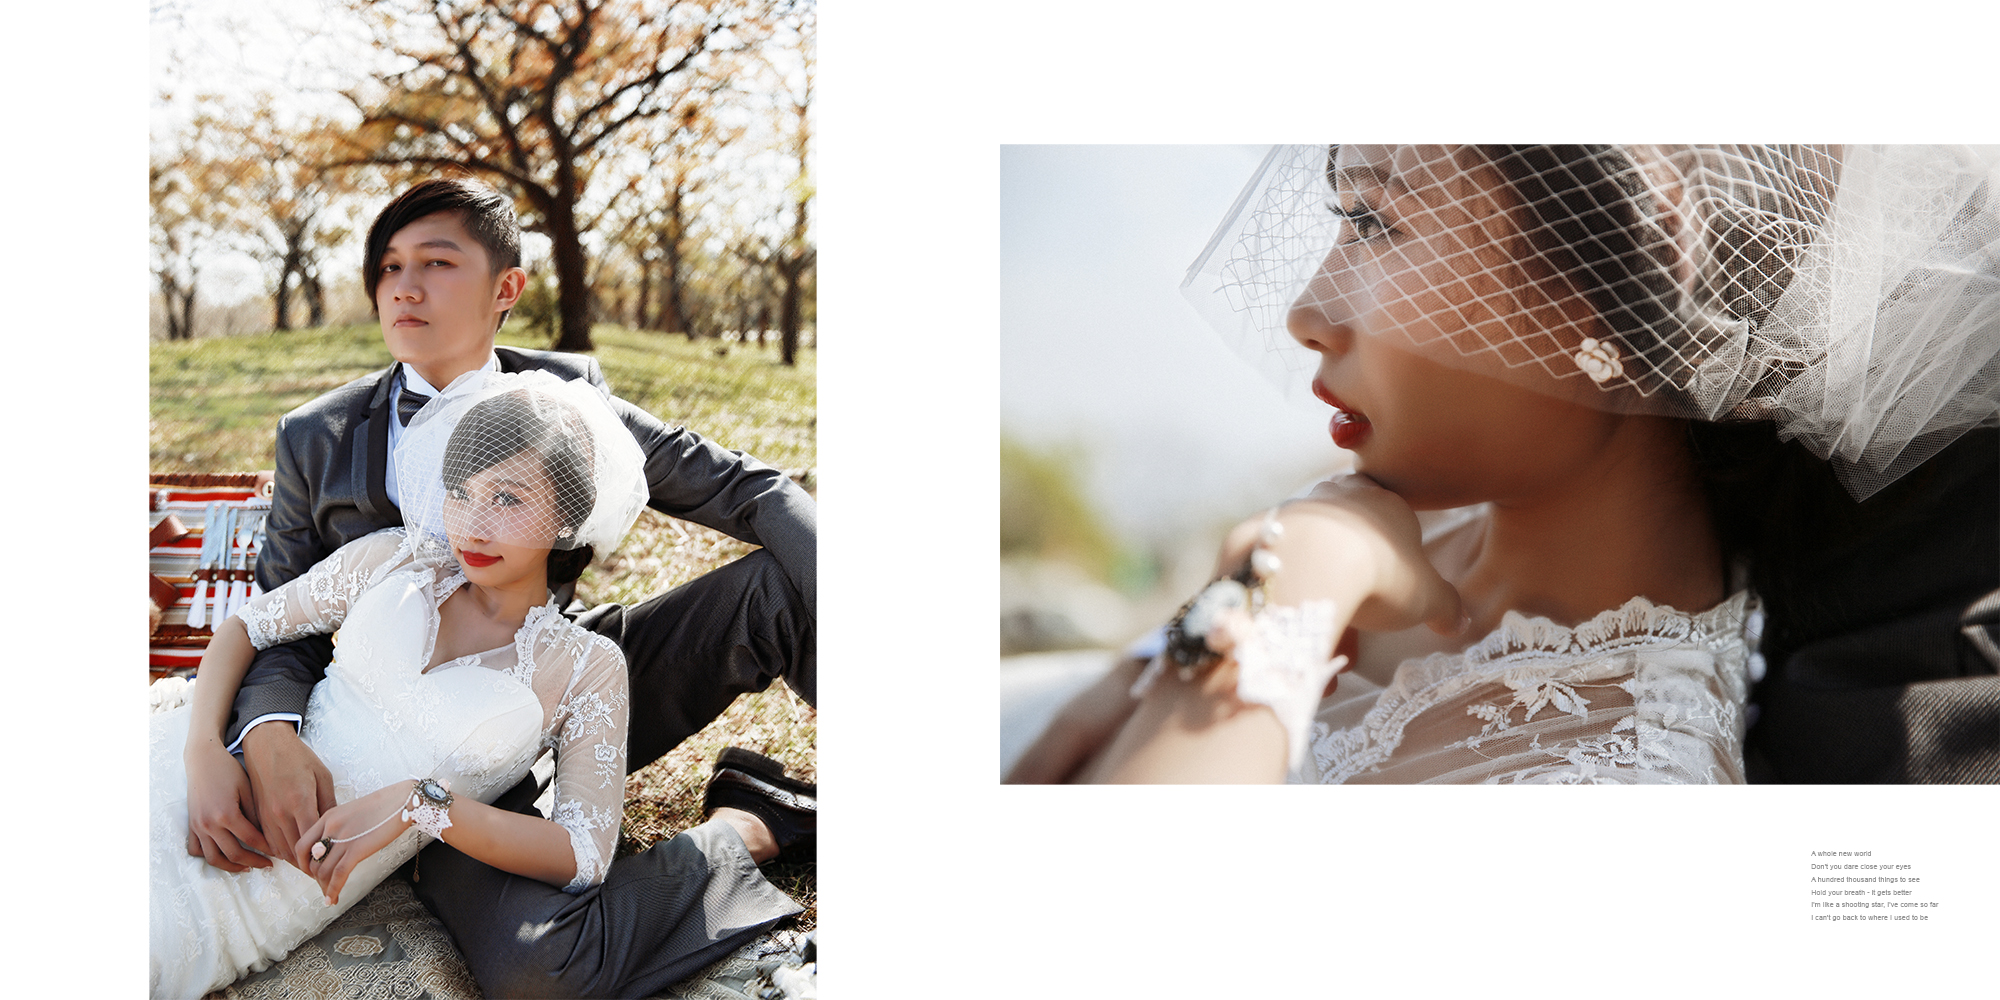 10.貴族下午茶野餐風格婚紗